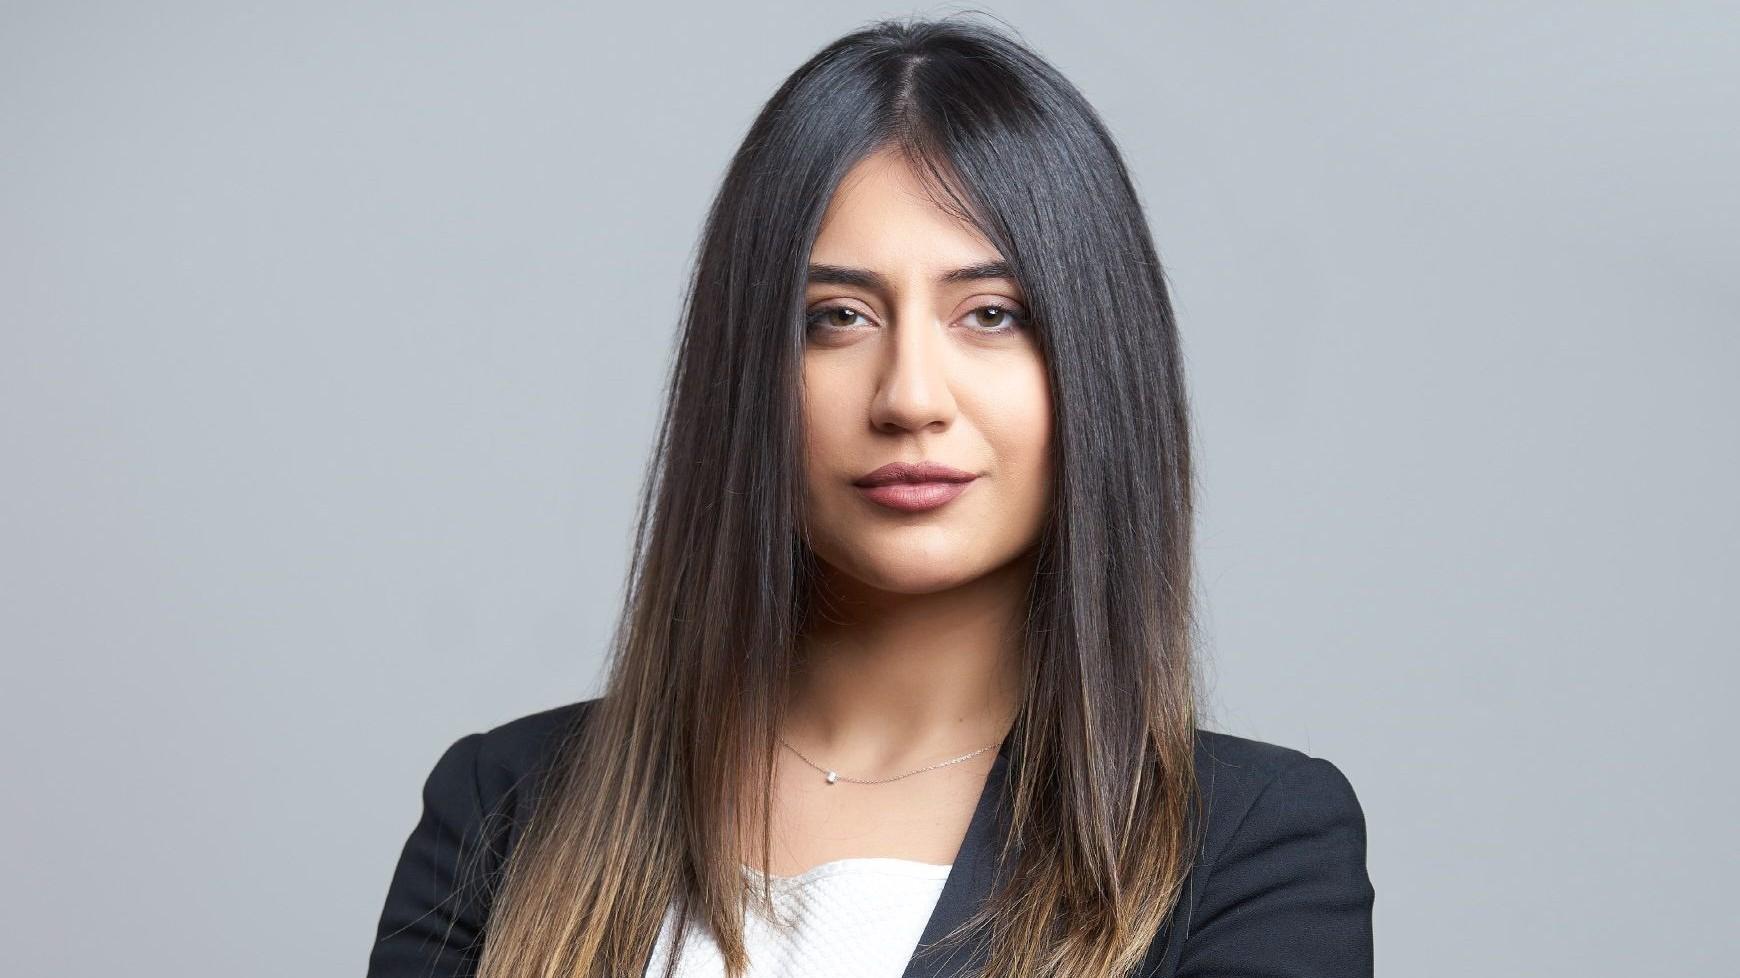 Azərbaycan Konqreslər Bürosunun direktoru Sevda Əliyeva dünya tədbirlər sənayesinin 100 ən nüfuzlu şəxsindən biridir